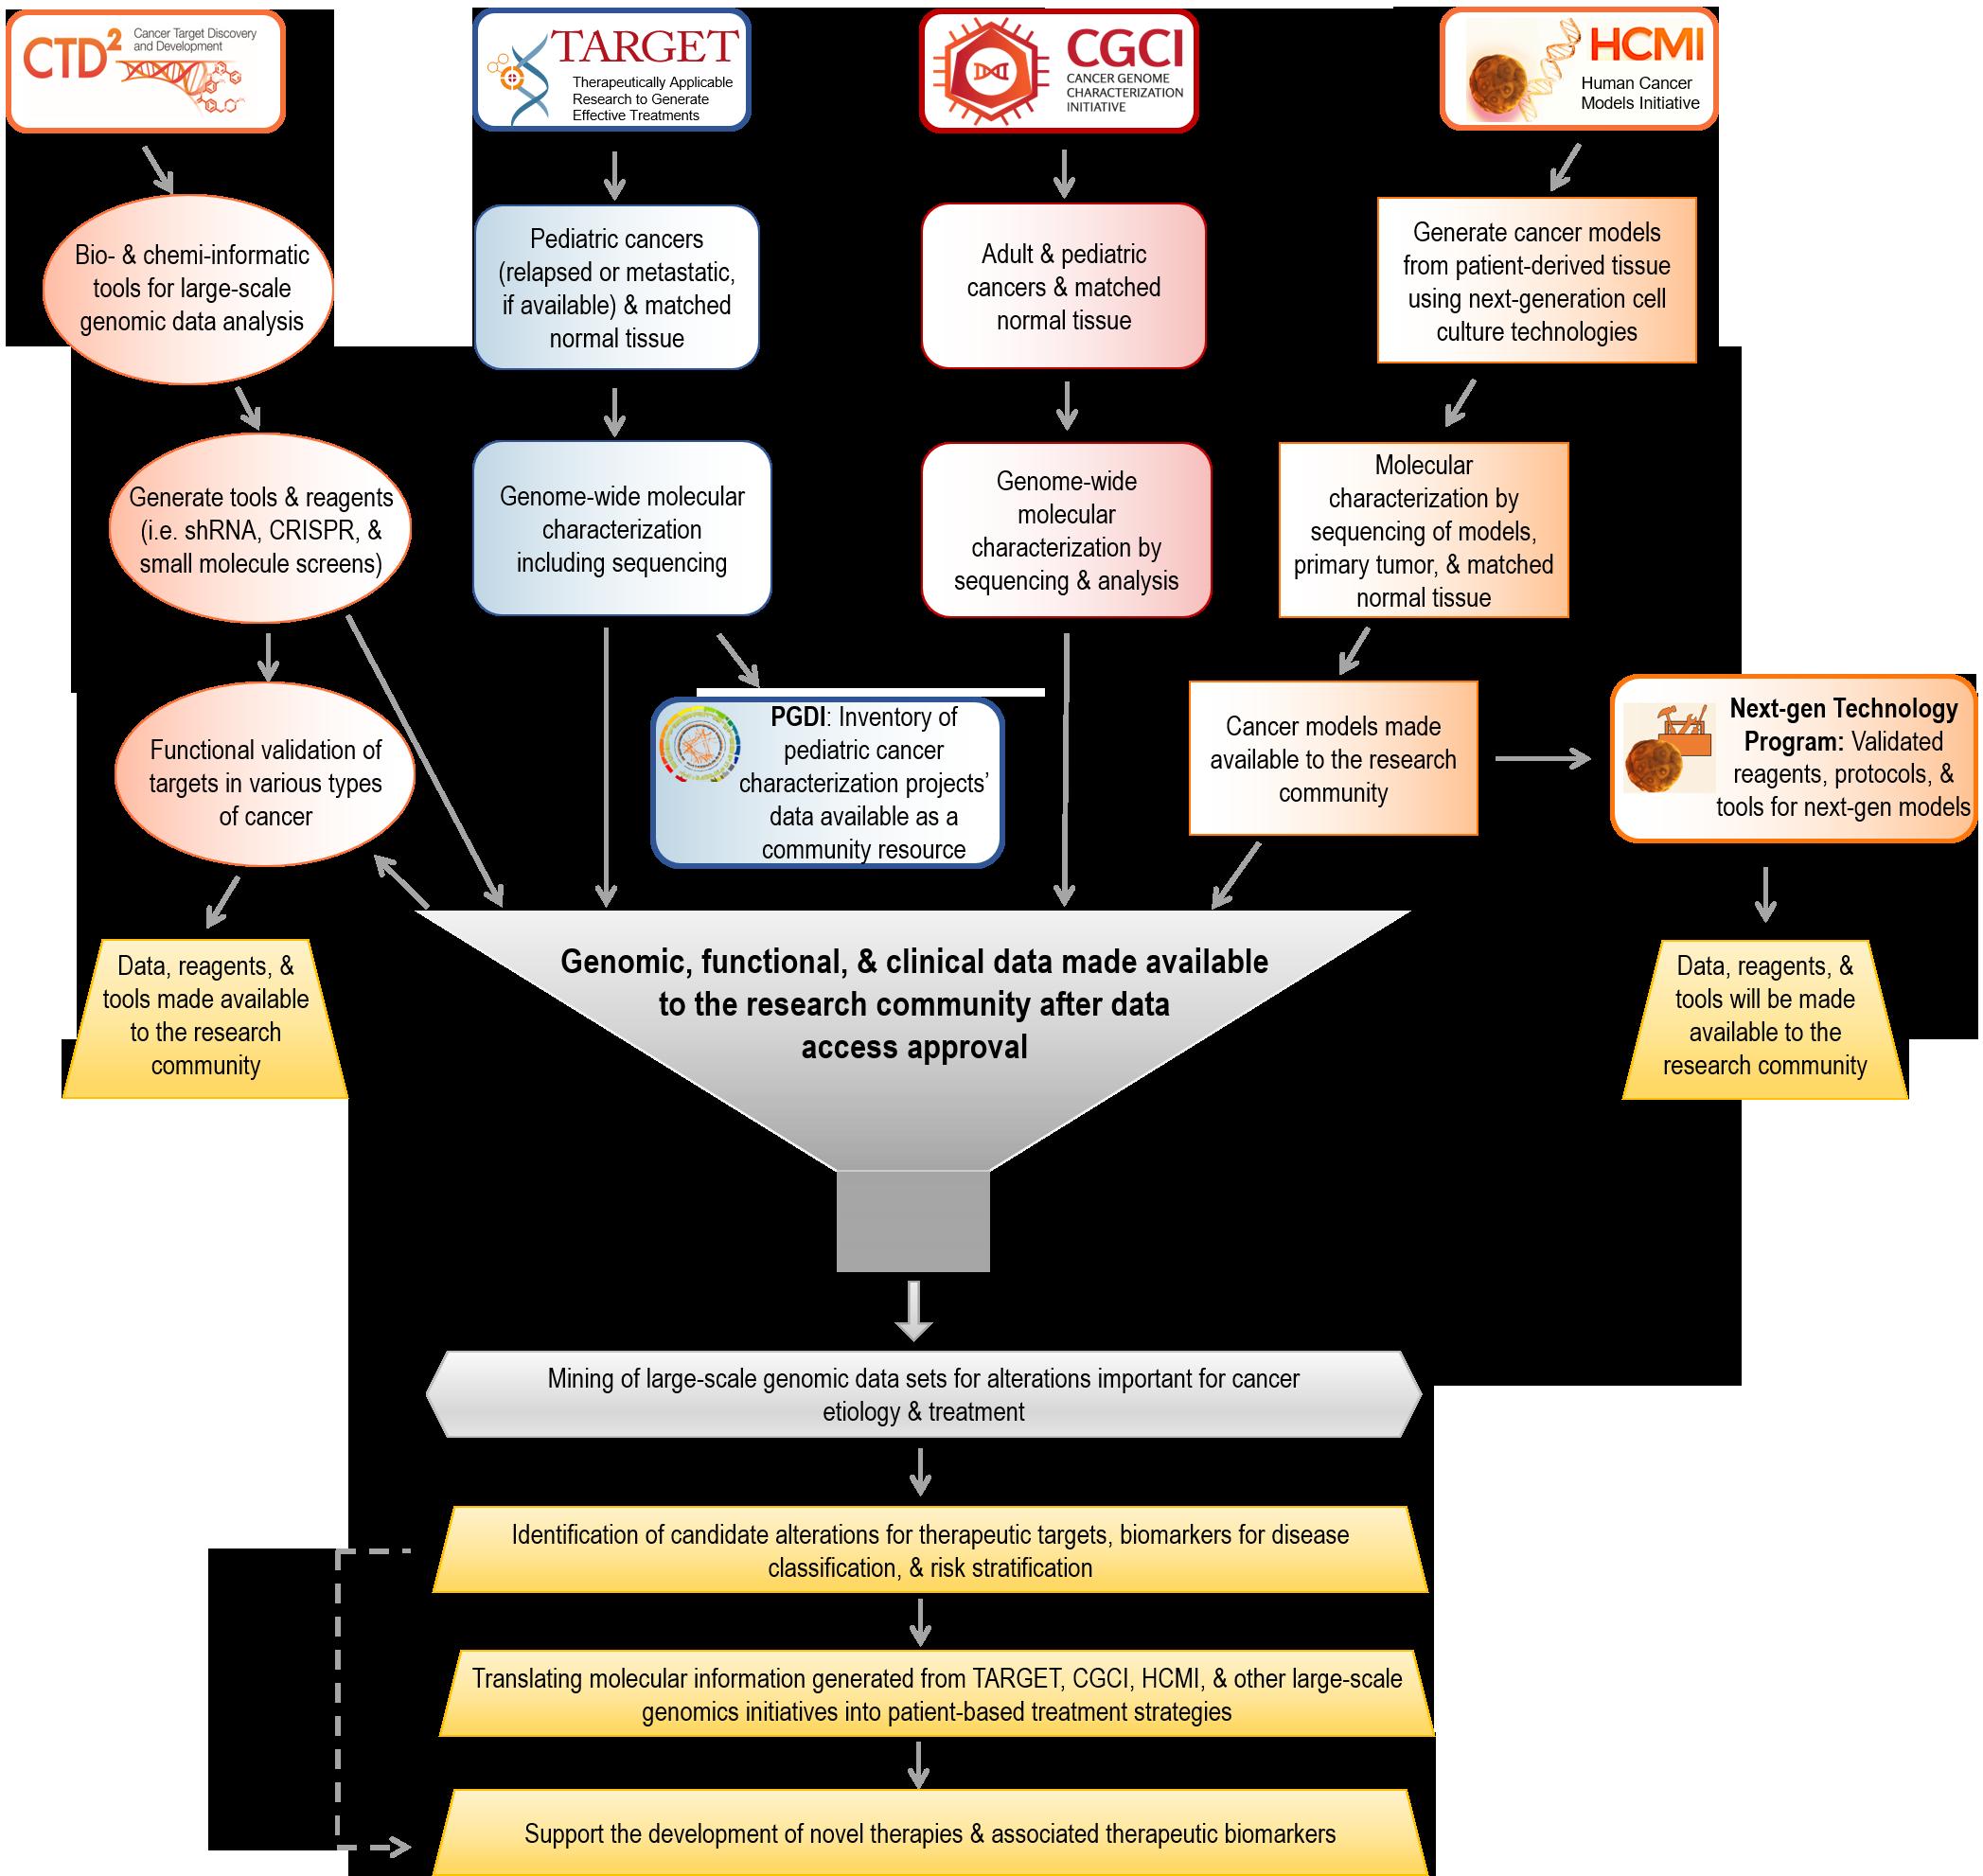 Flowchart of current OCG programs